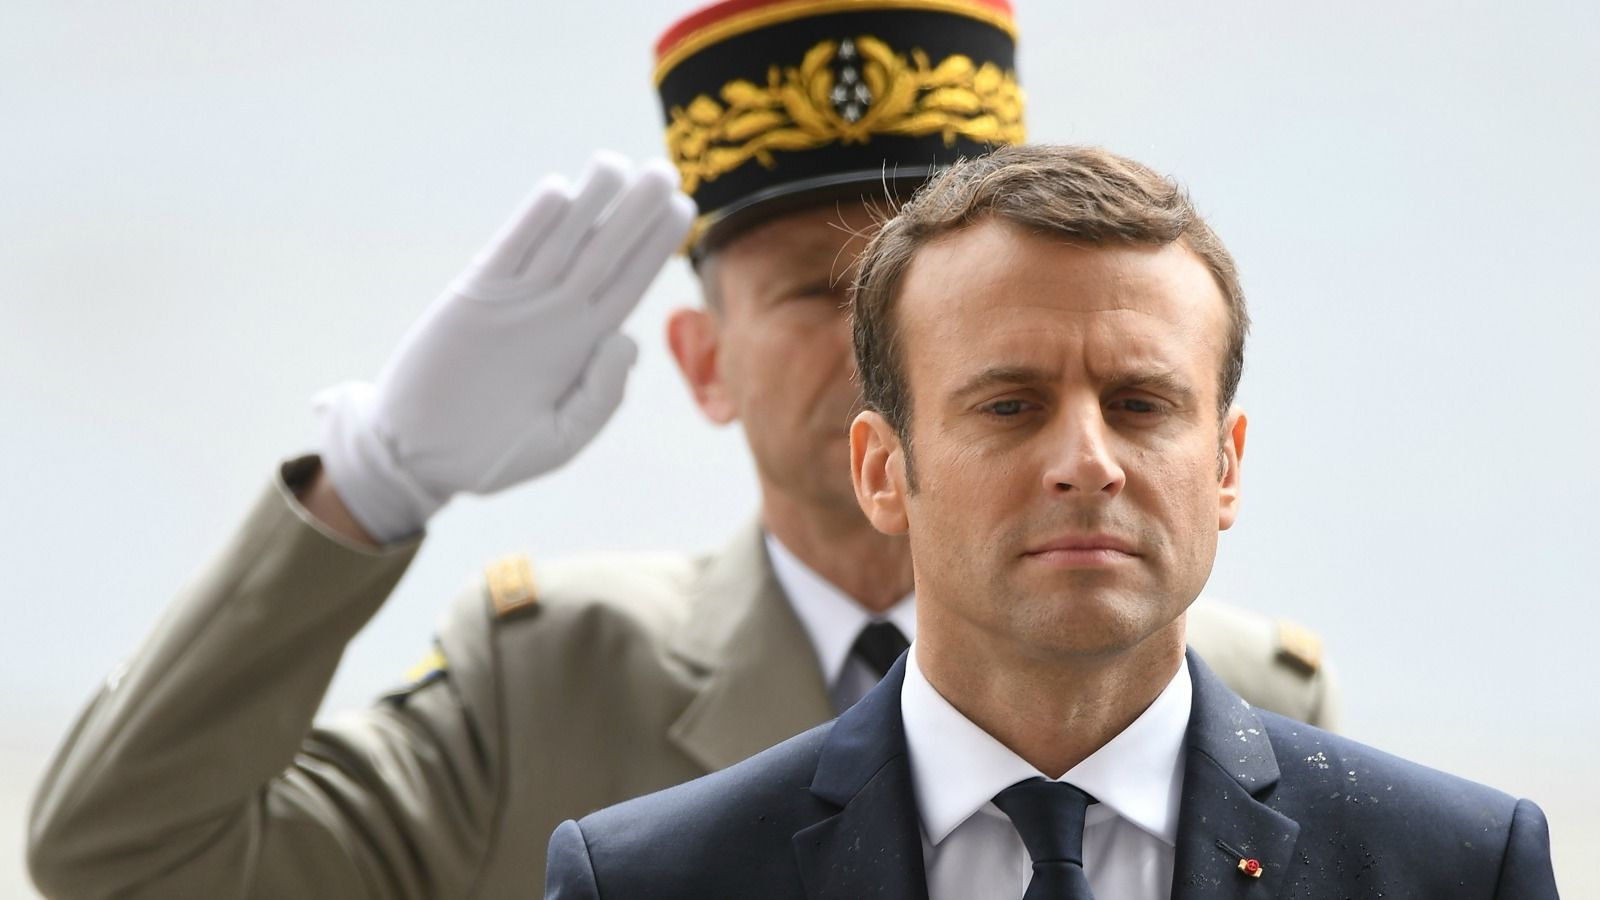 Macron nükleer santralleri kapatayacak